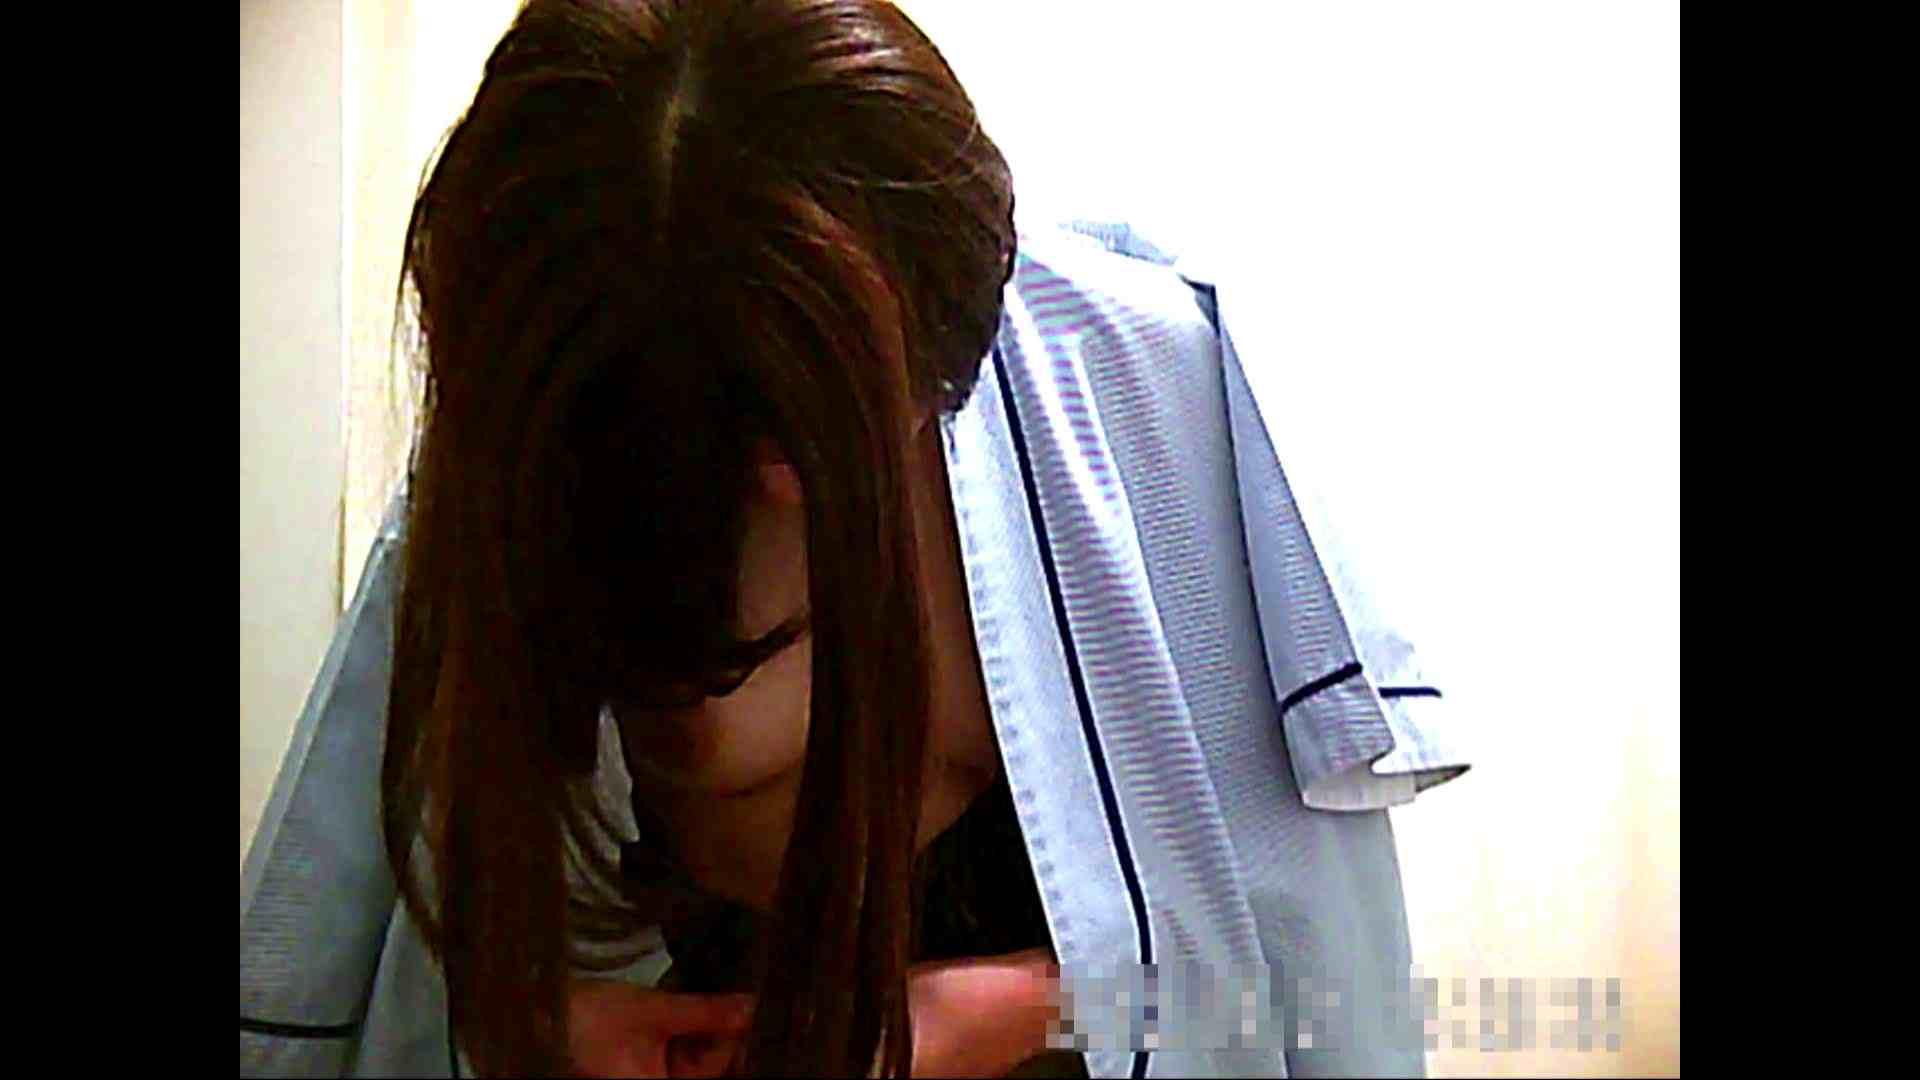 病院おもいっきり着替え! vol.284 着替え すけべAV動画紹介 56連発 45